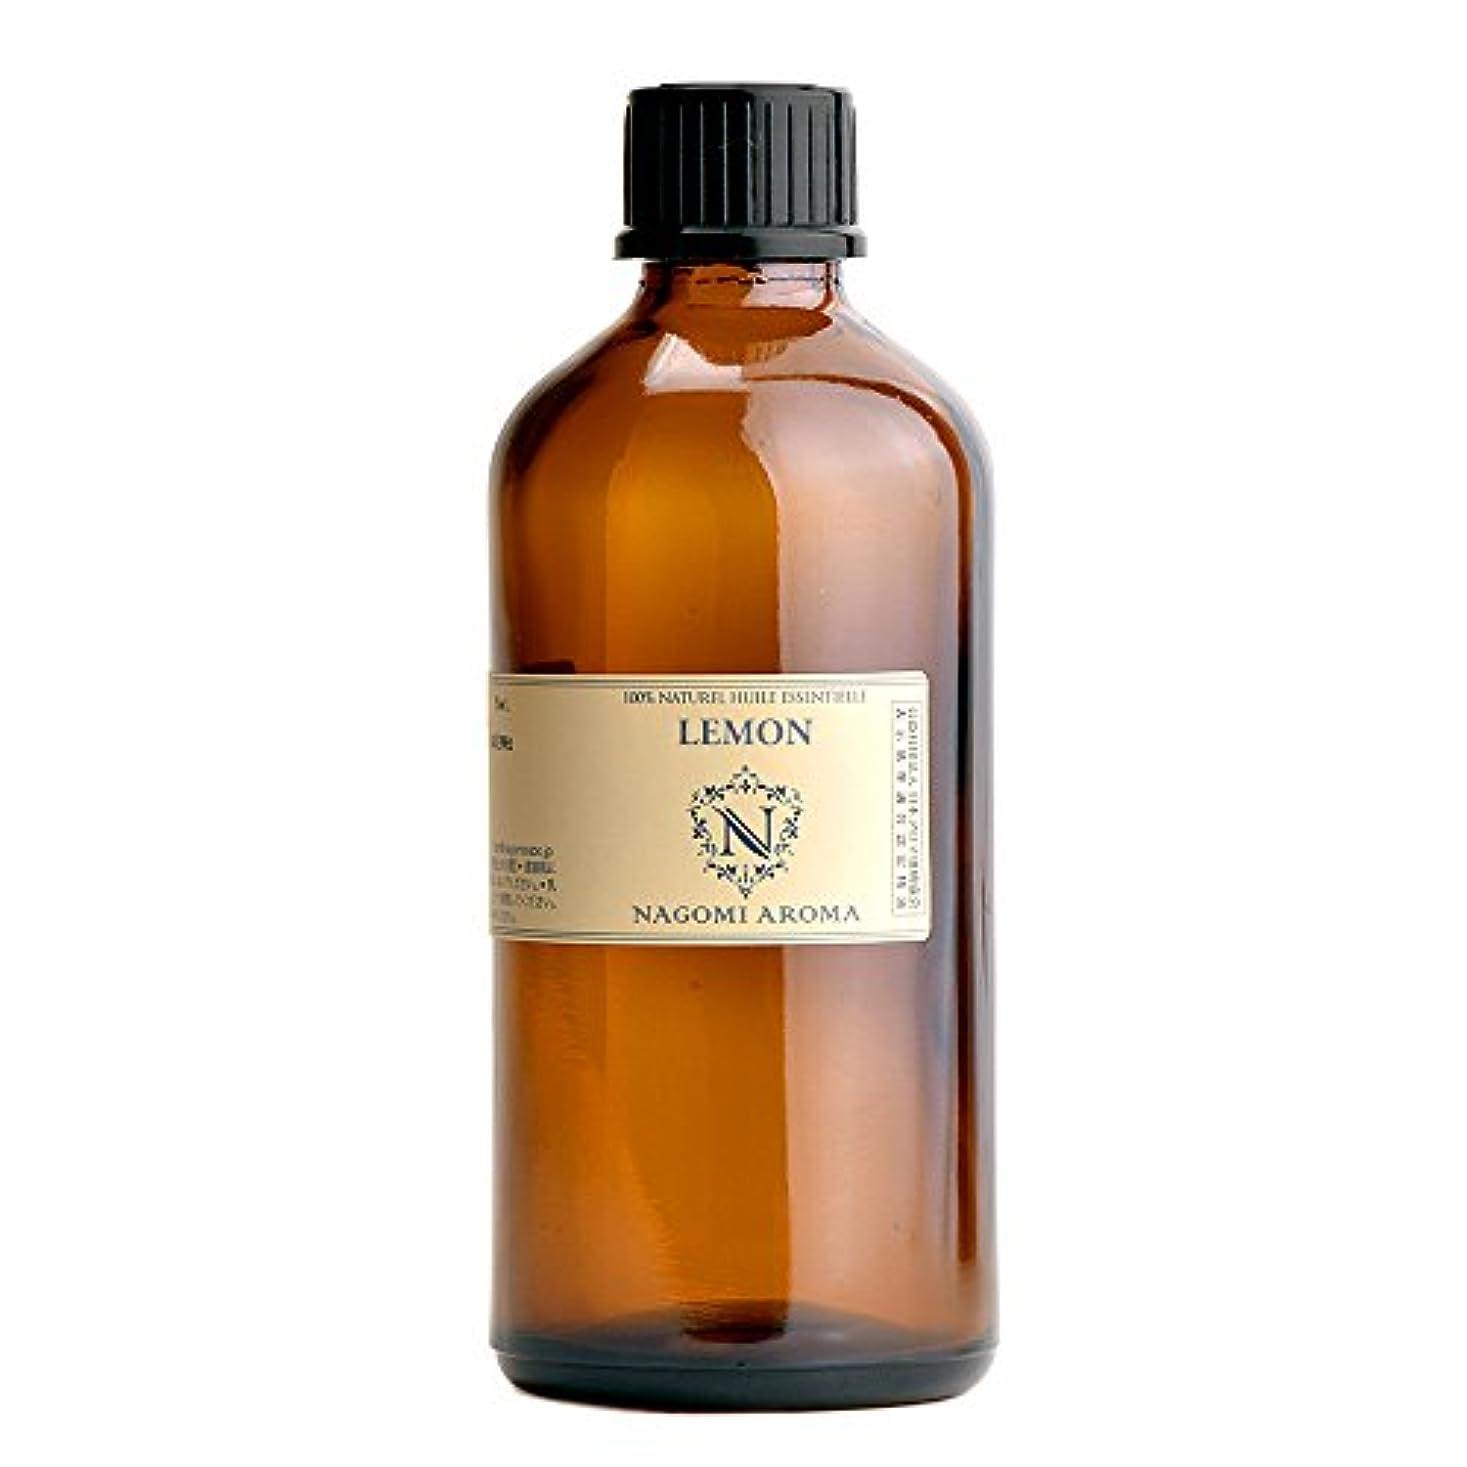 正規化影響力のある体NAGOMI AROMA レモン 100ml 【AEAJ認定精油】【アロマオイル】